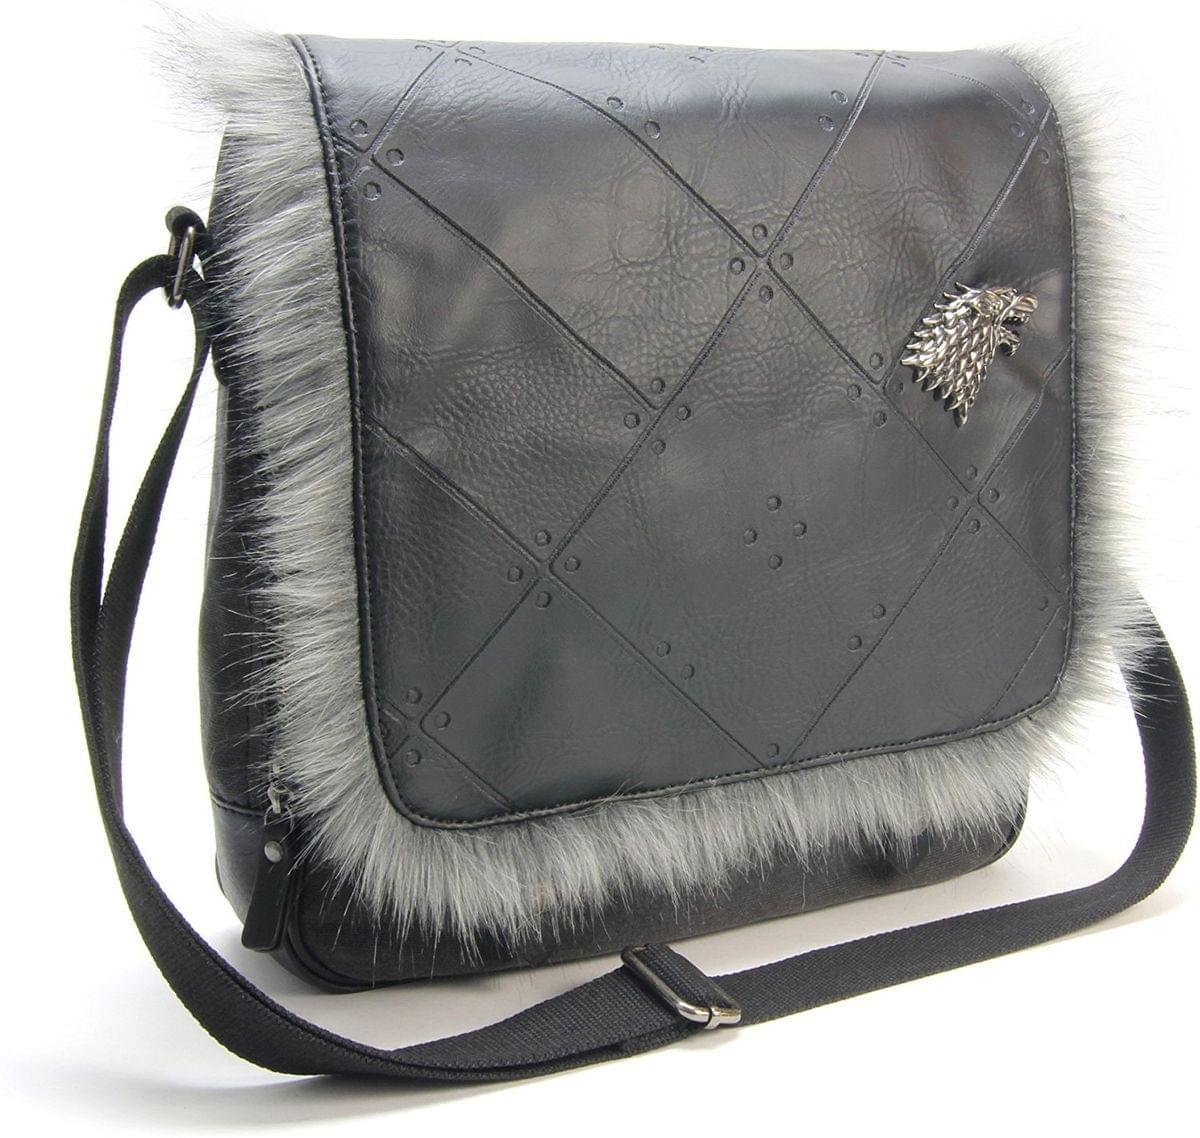 Game of Thrones House Stark Messenger Bag